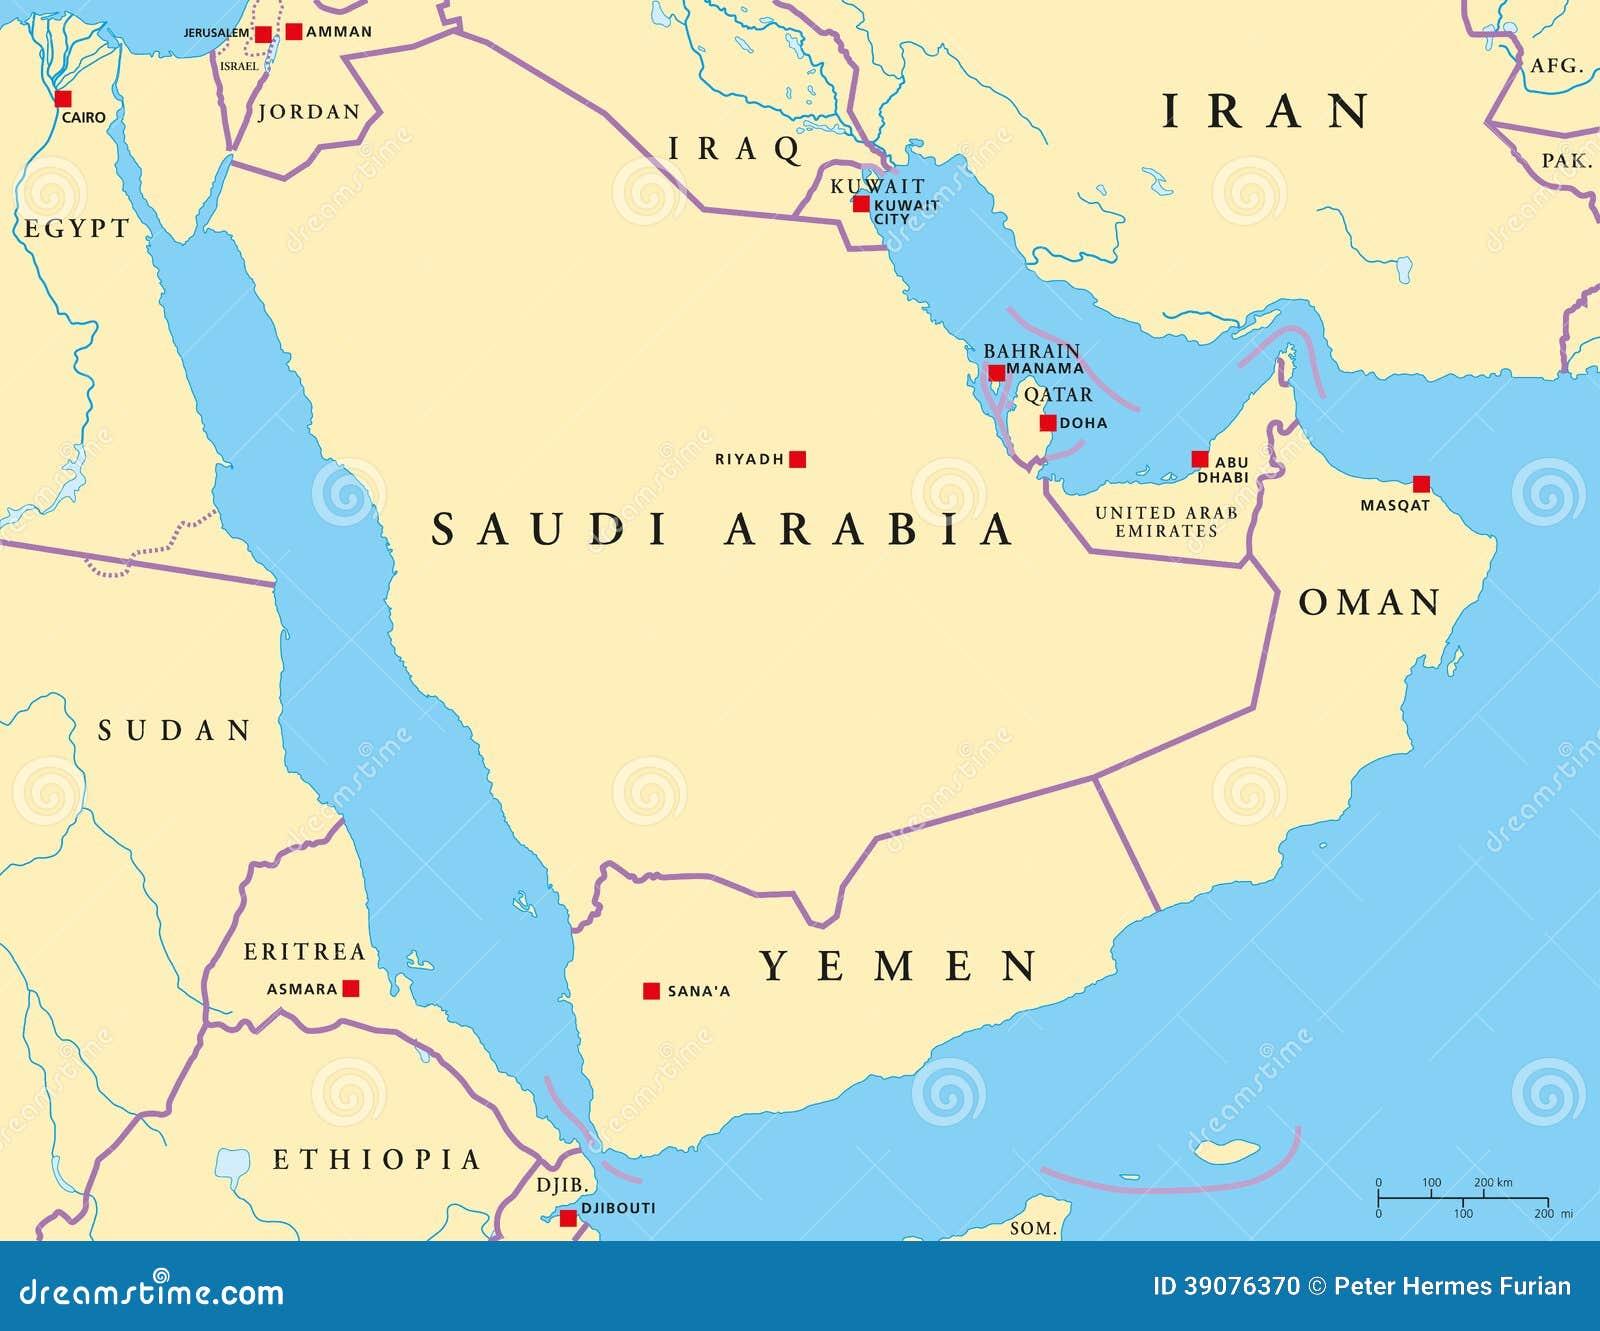 Cartina Geografica Dei Paesi Arabi.Mappa Politica Della Penisola Araba Illustrazione Vettoriale Illustrazione Di Nazionalit Egitto 39076370